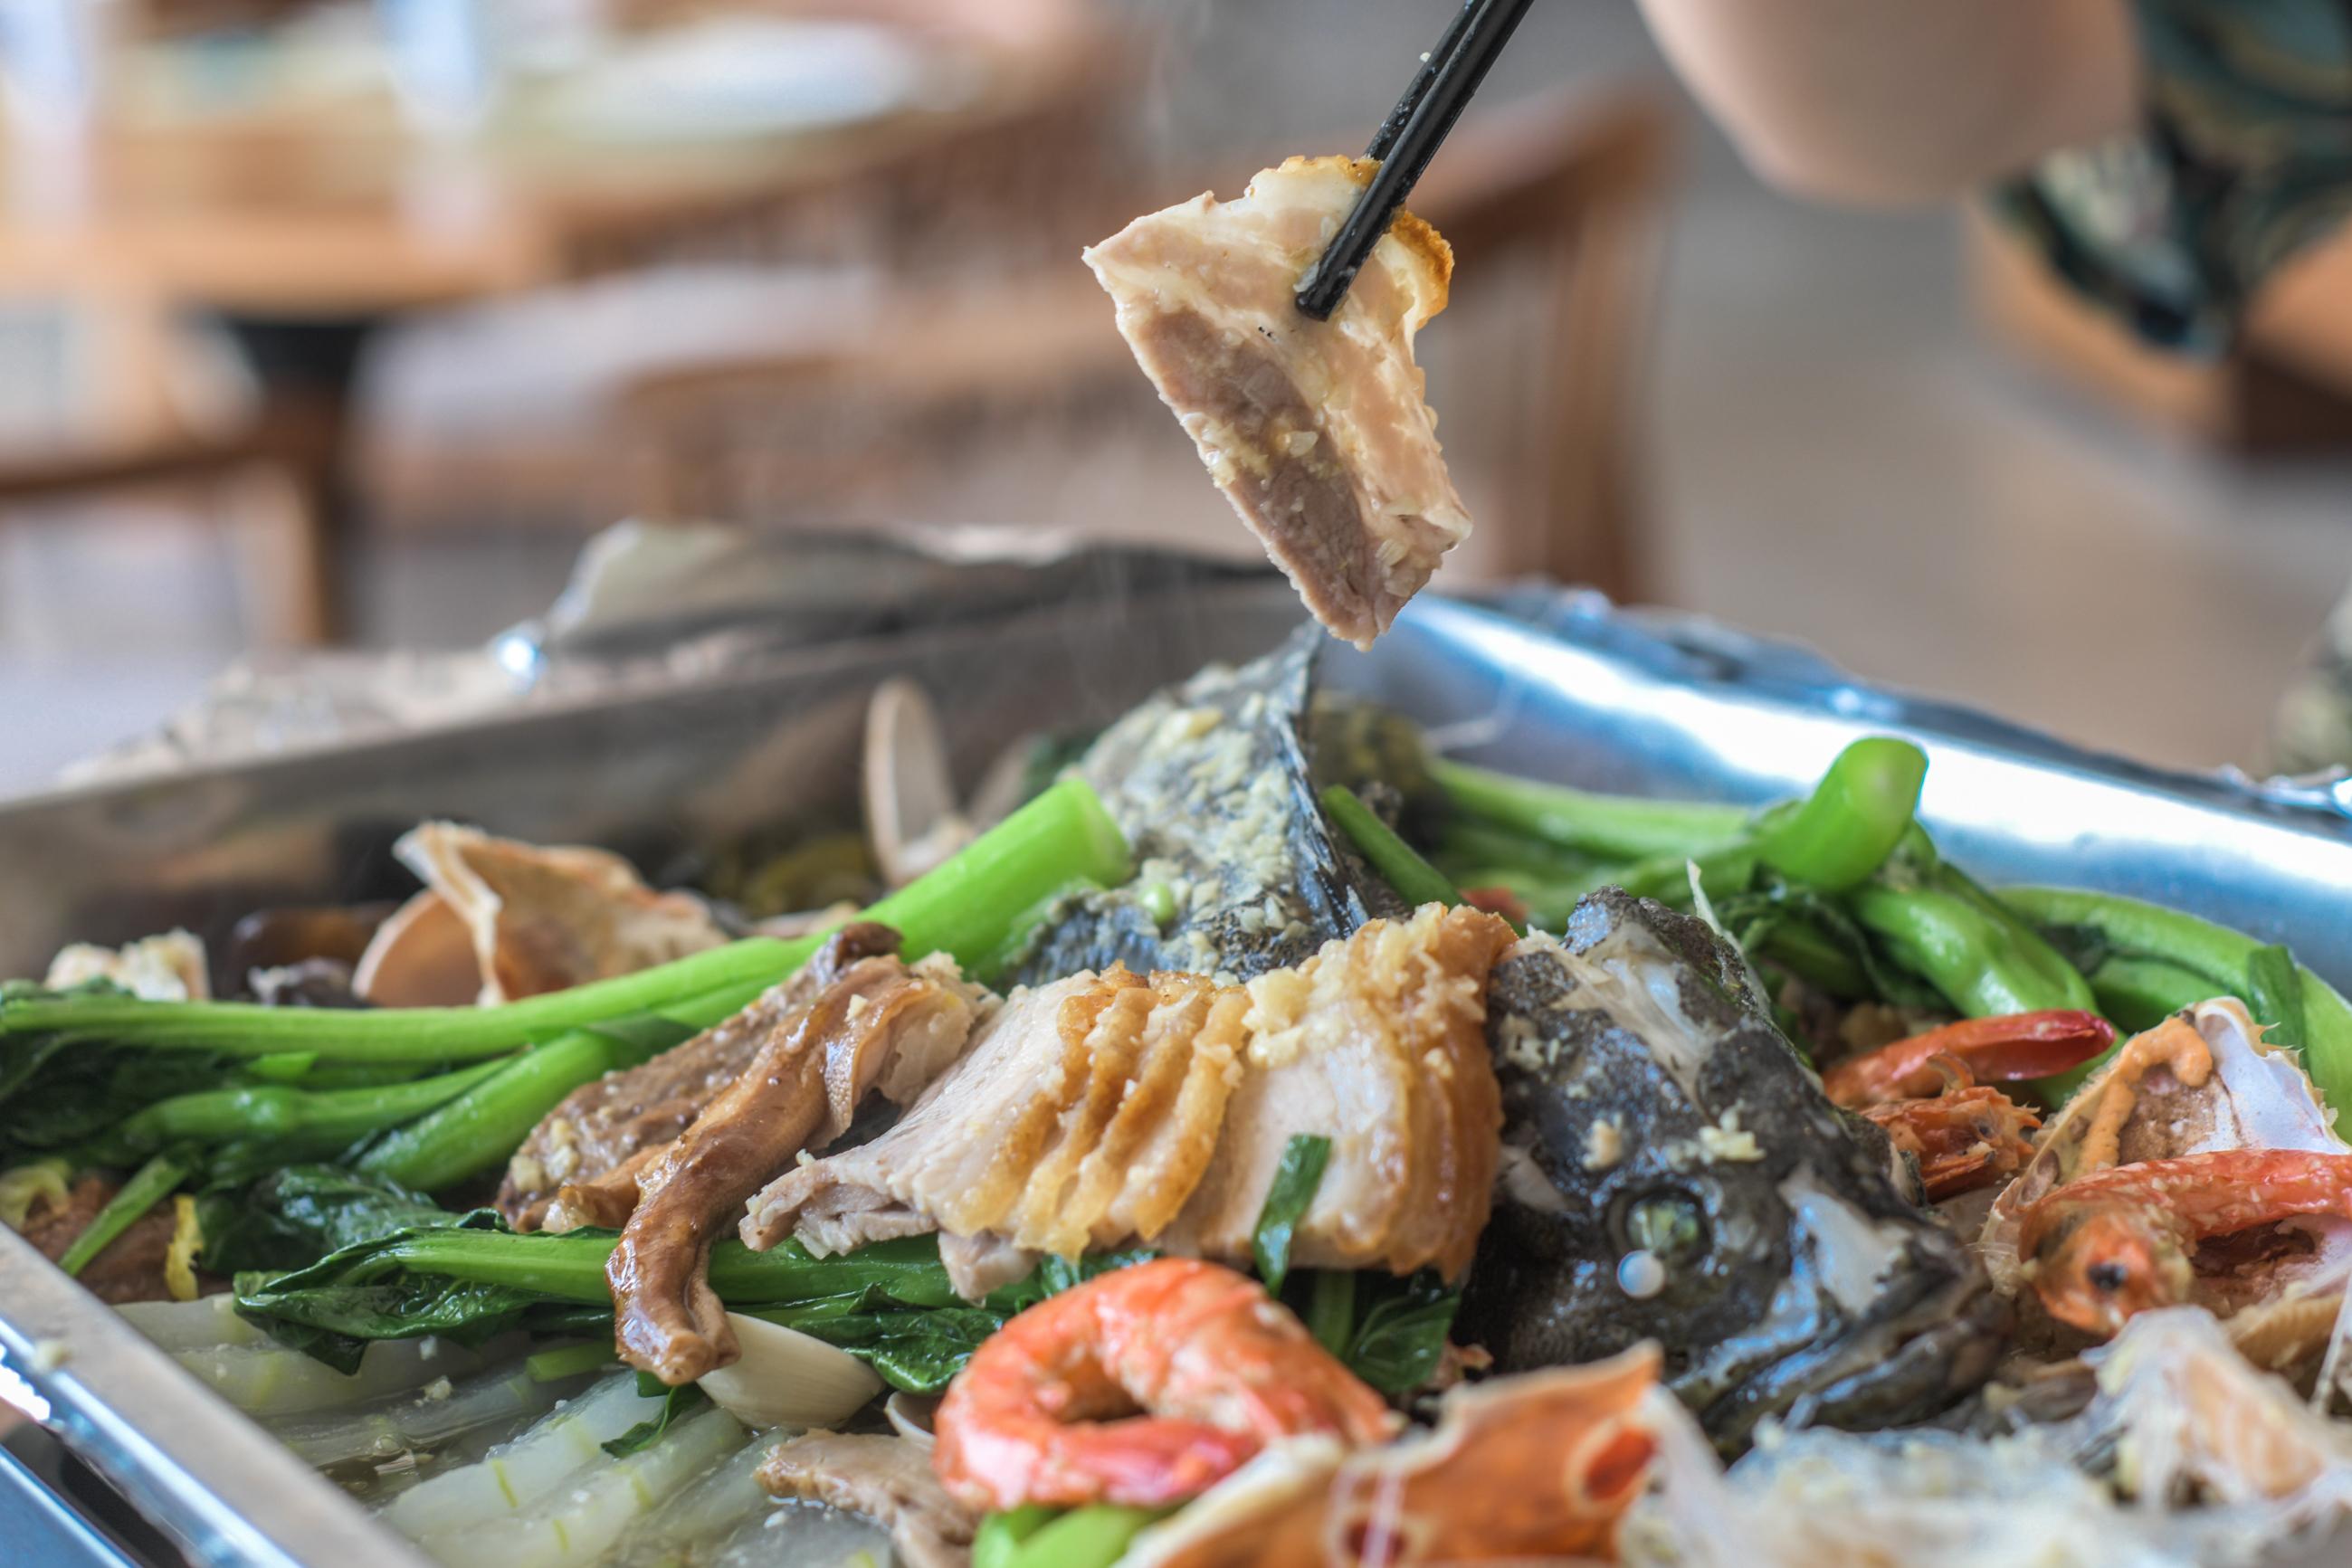 海南有道农家菜,价格不菲却很受欢迎,有餐厅销量超一千份